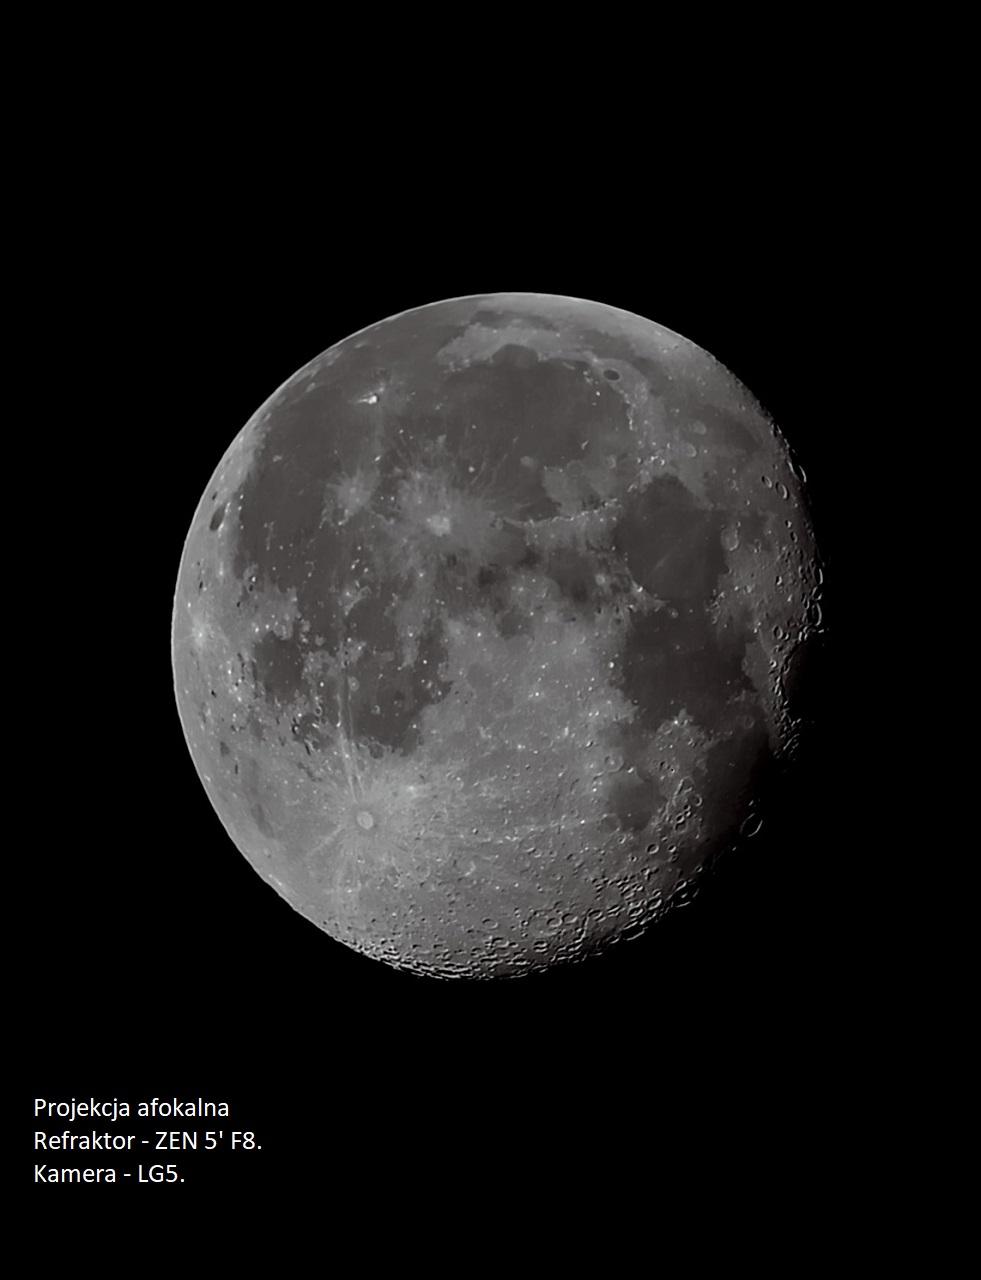 Moon_2.jpg.7113c31f24d1b7326c620968772506f7.jpg